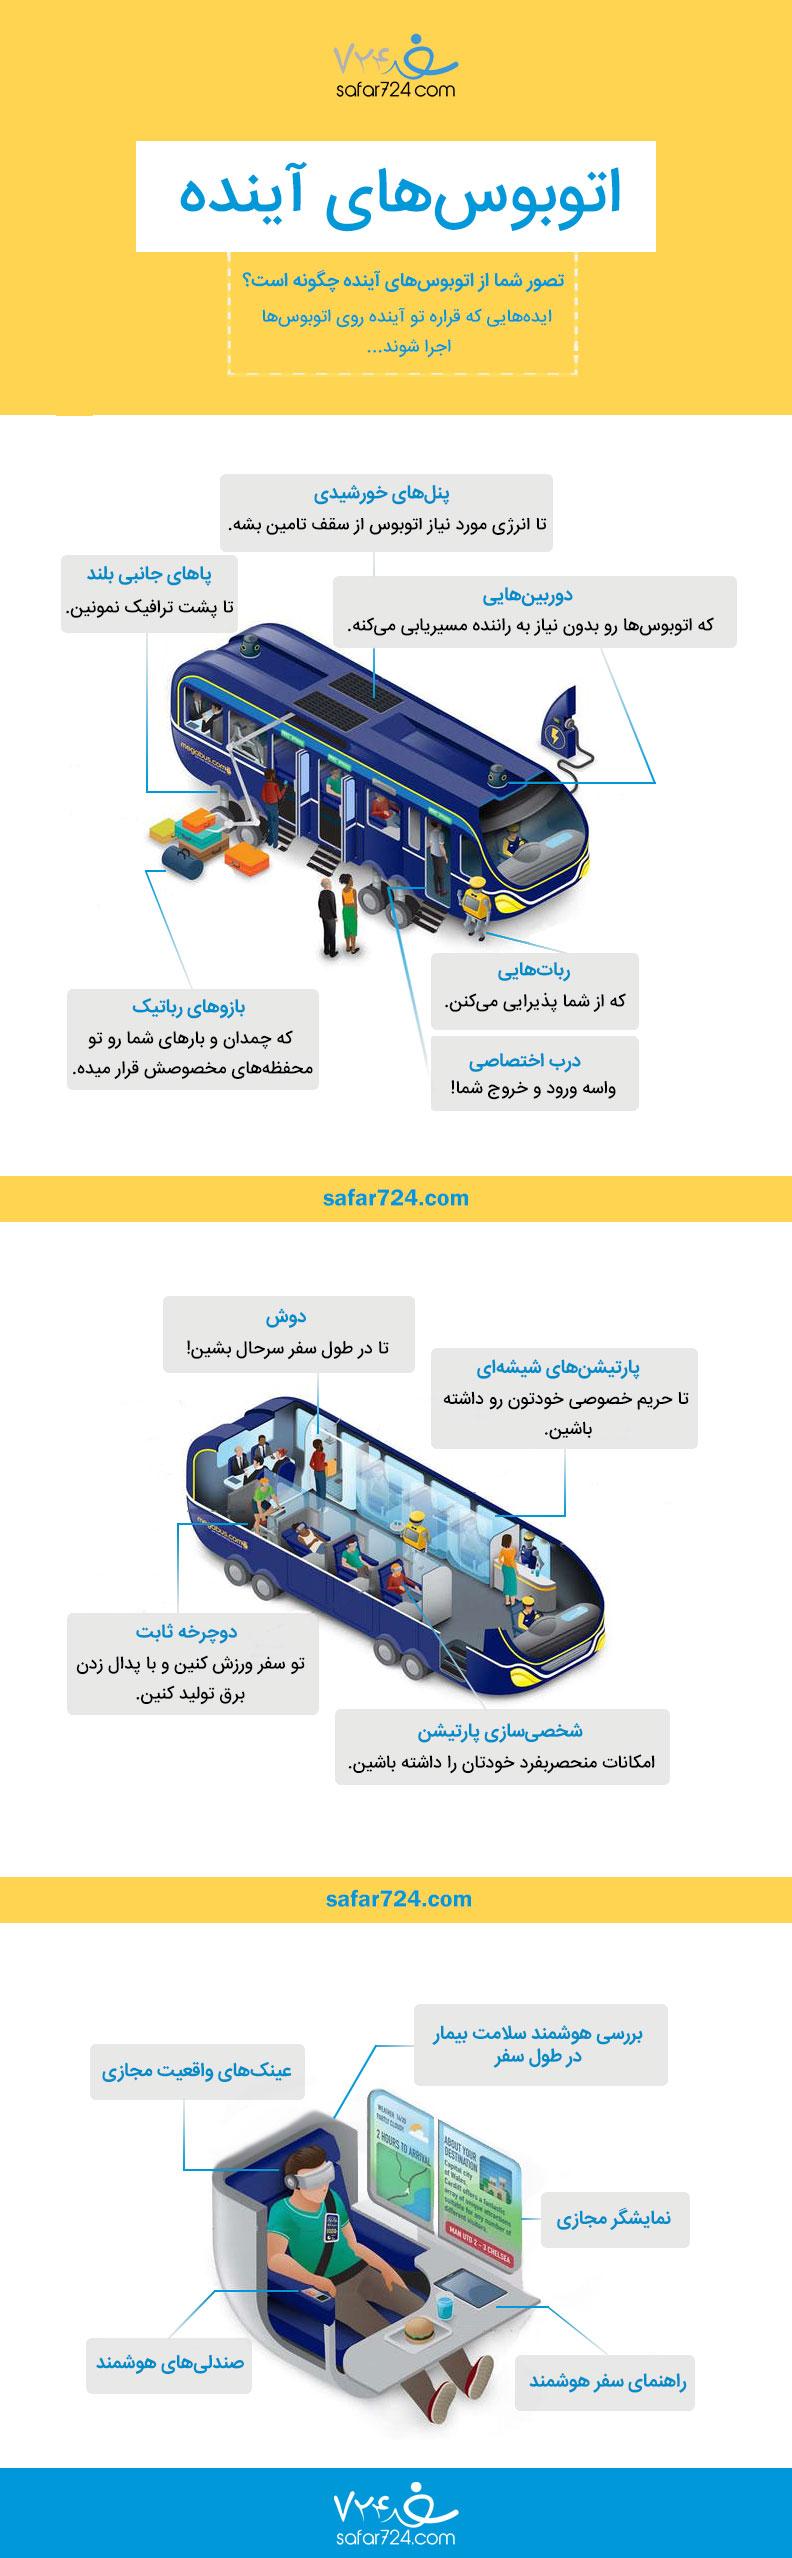 اتوبوسهای پیشرفته